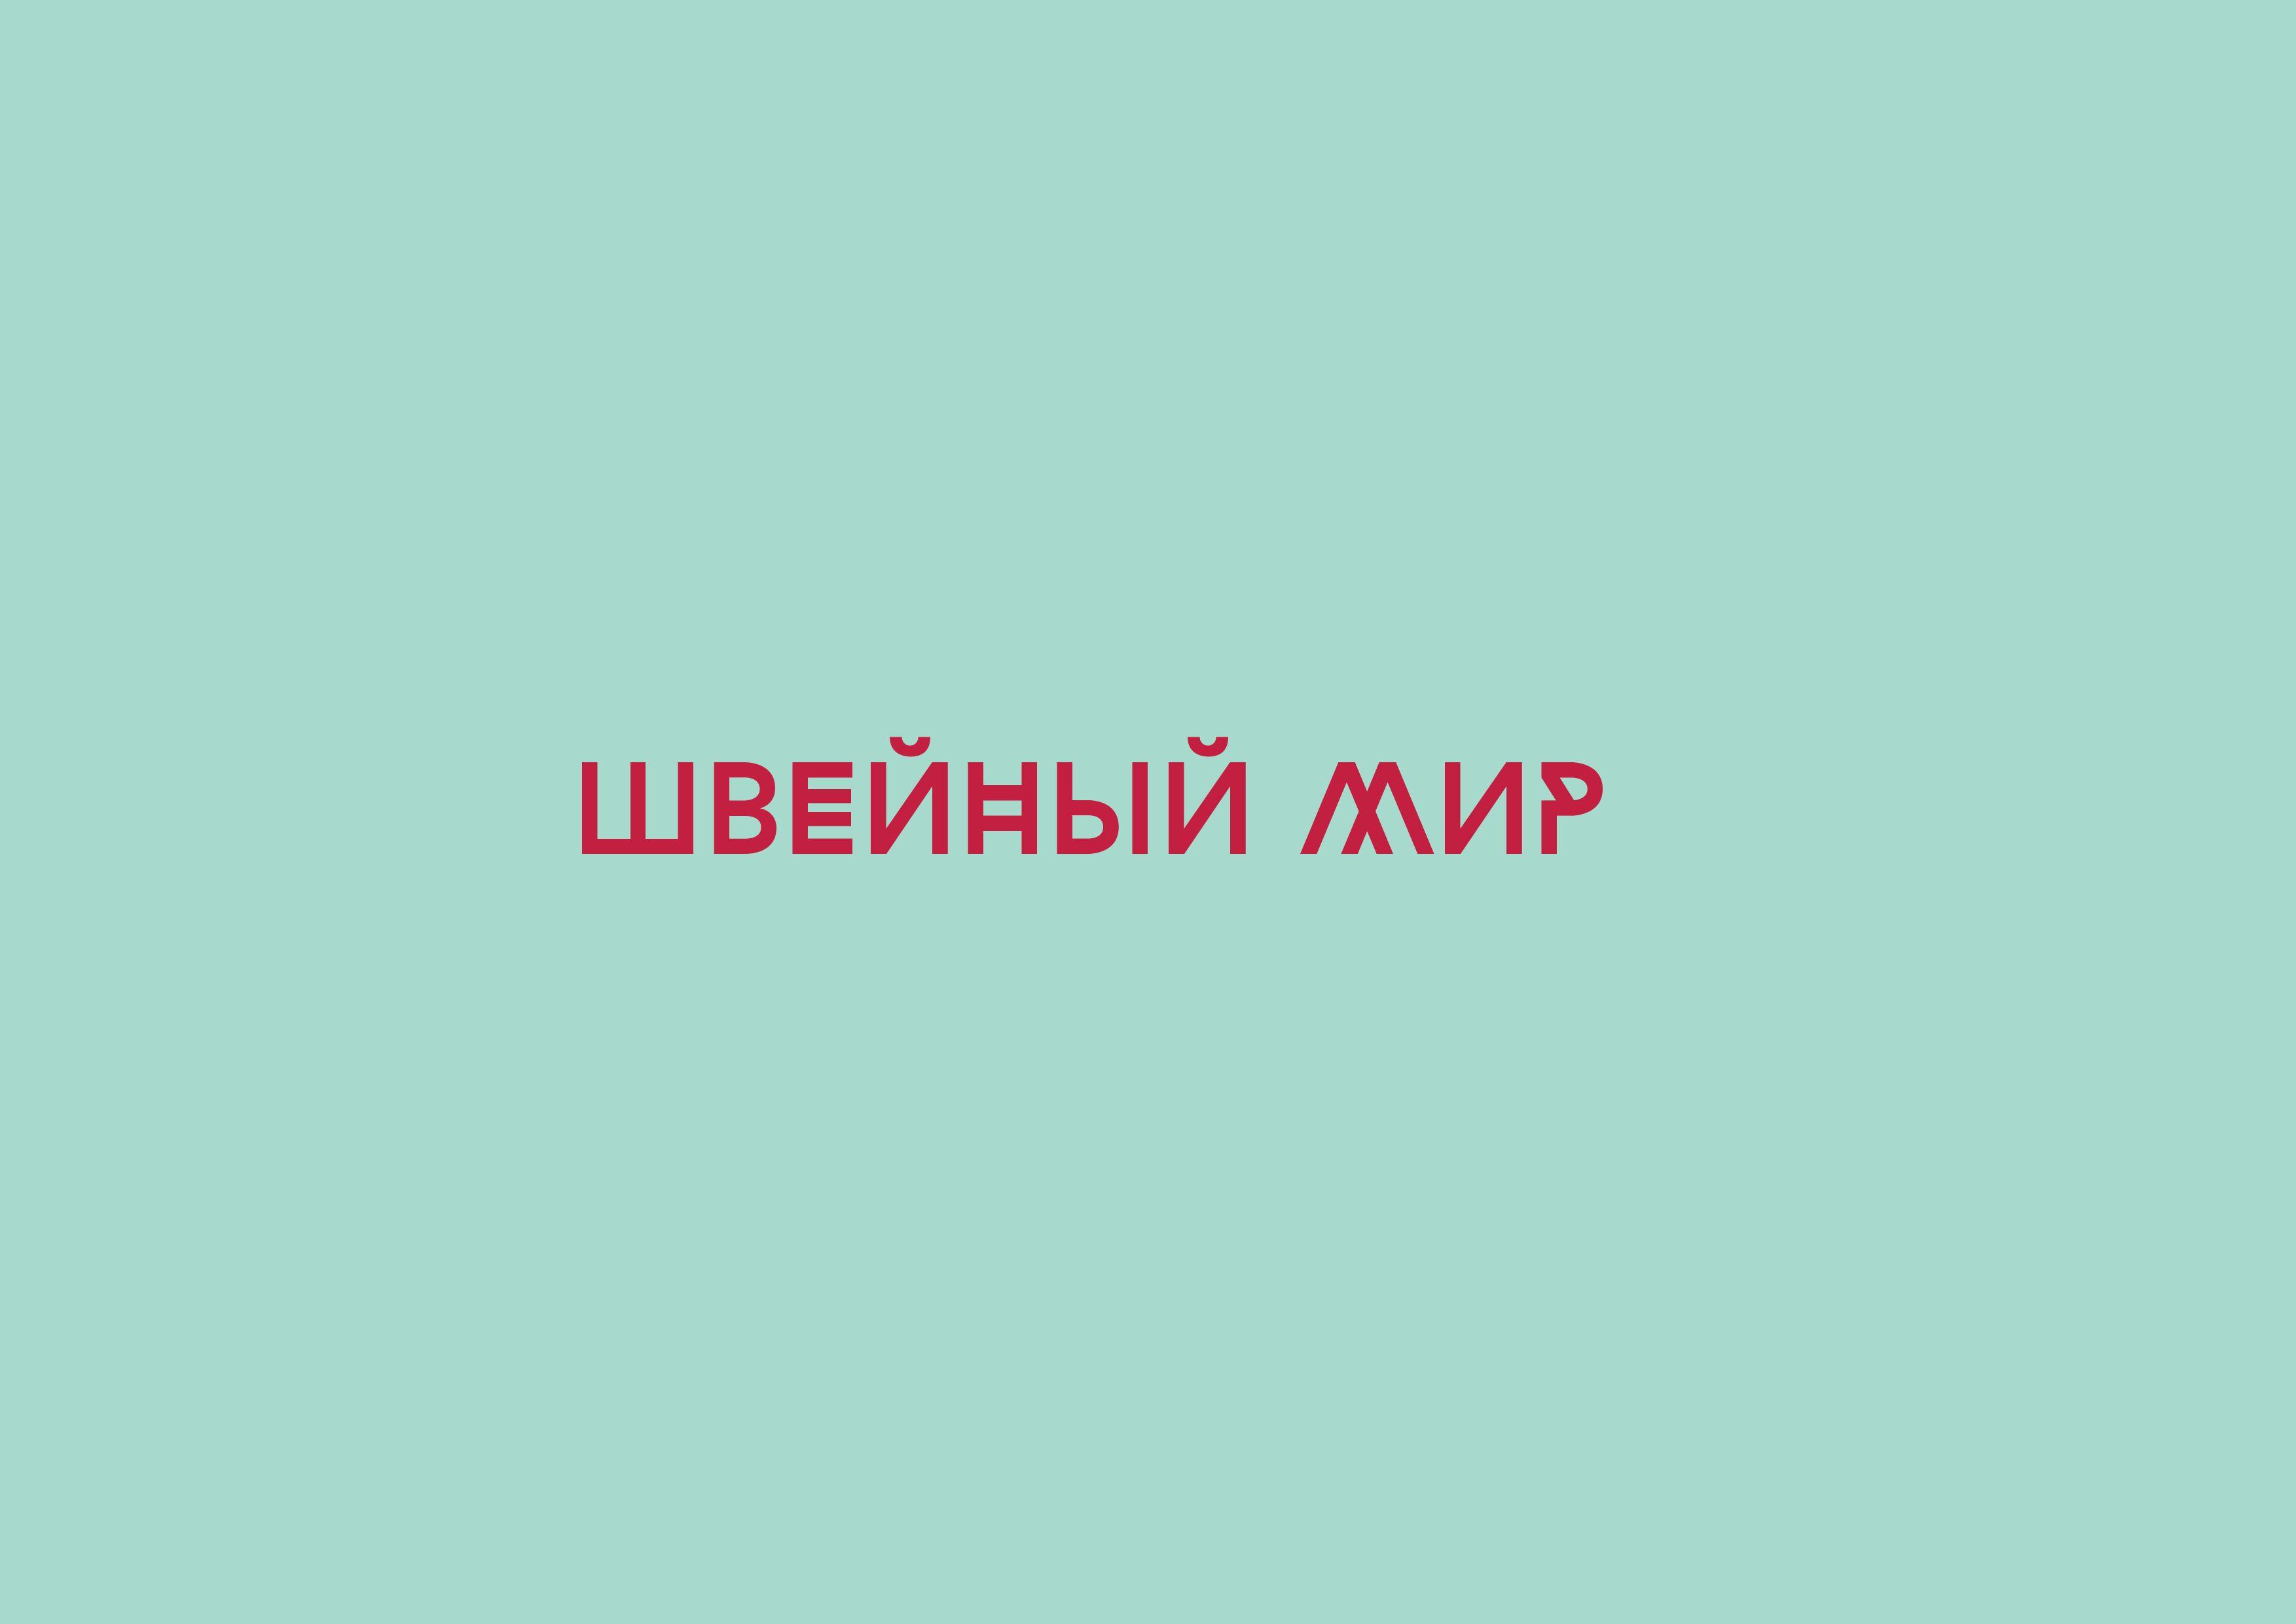 Логотип для ООО Швейный мир - дизайнер Jedi_artist